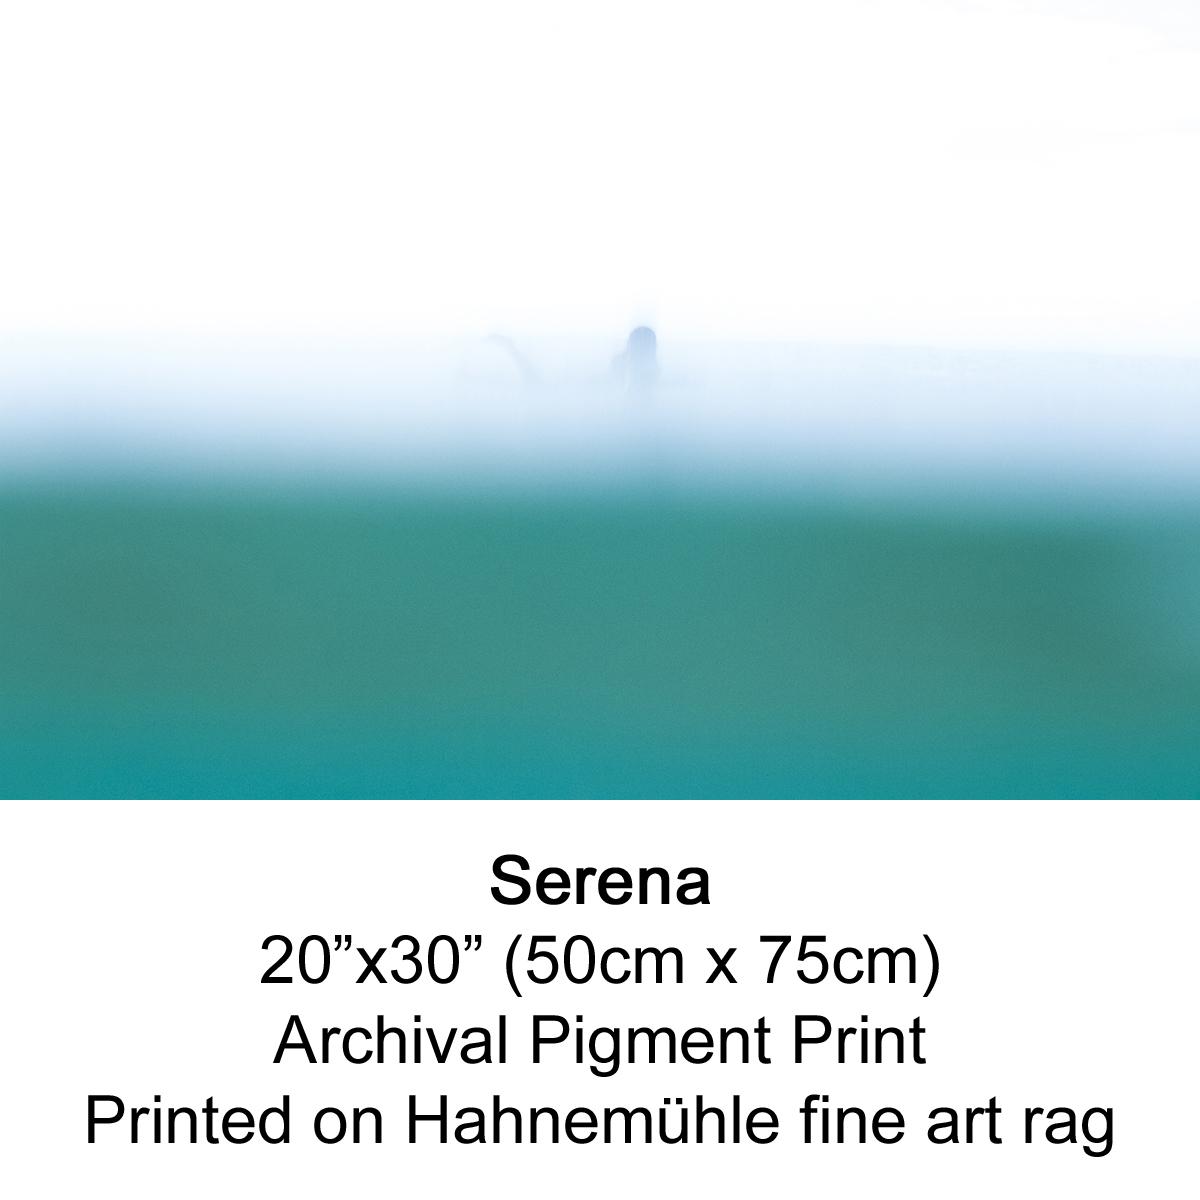 Serena by fran miller.jpg